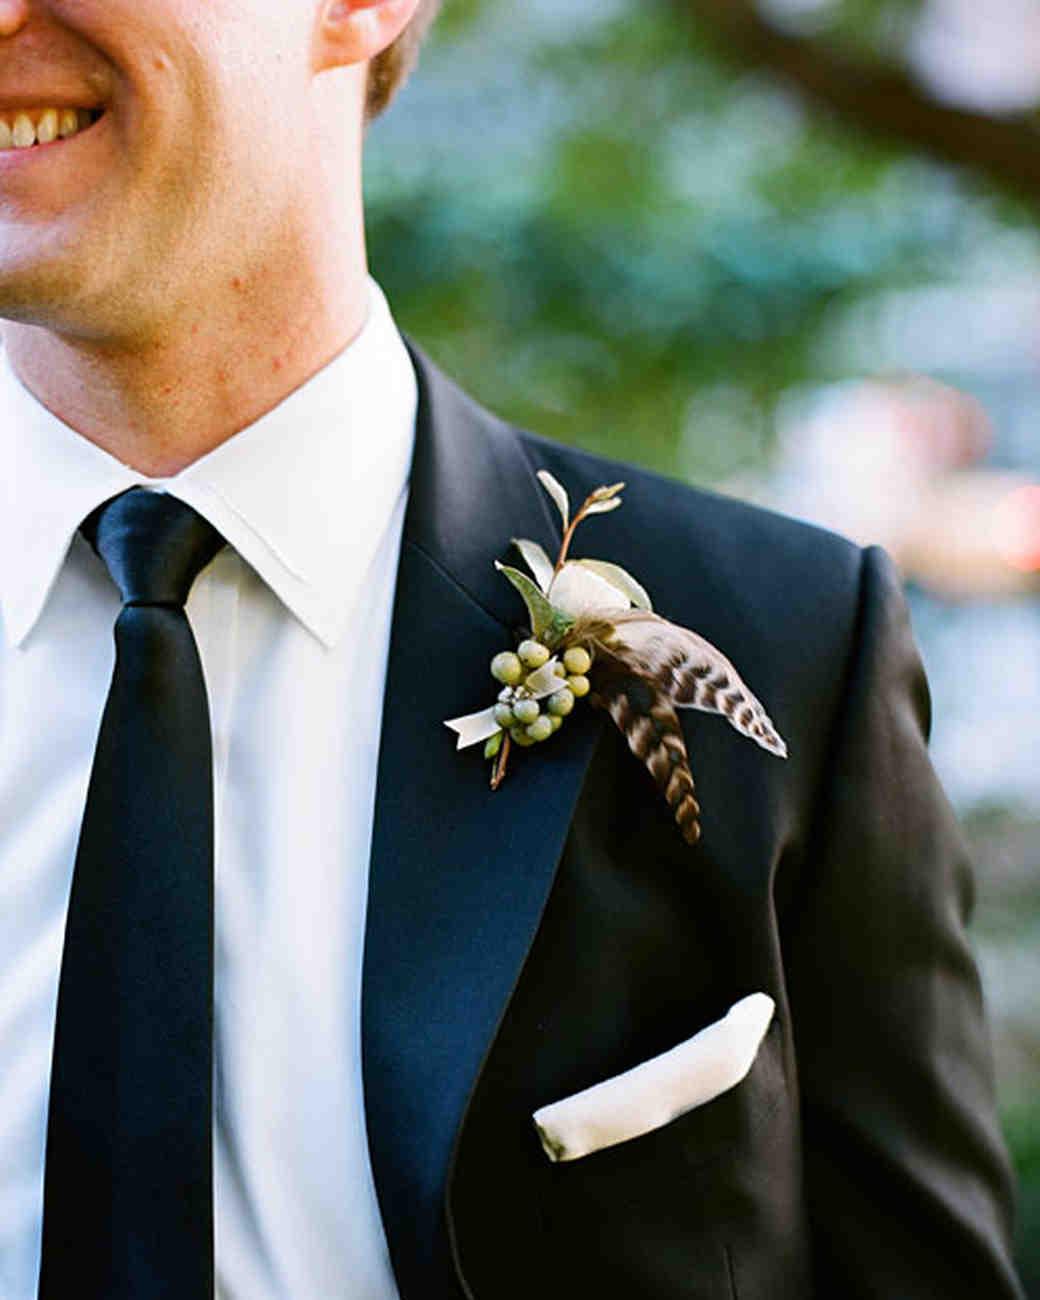 real-weddings-jole-laurel-0611-60410024.jpg